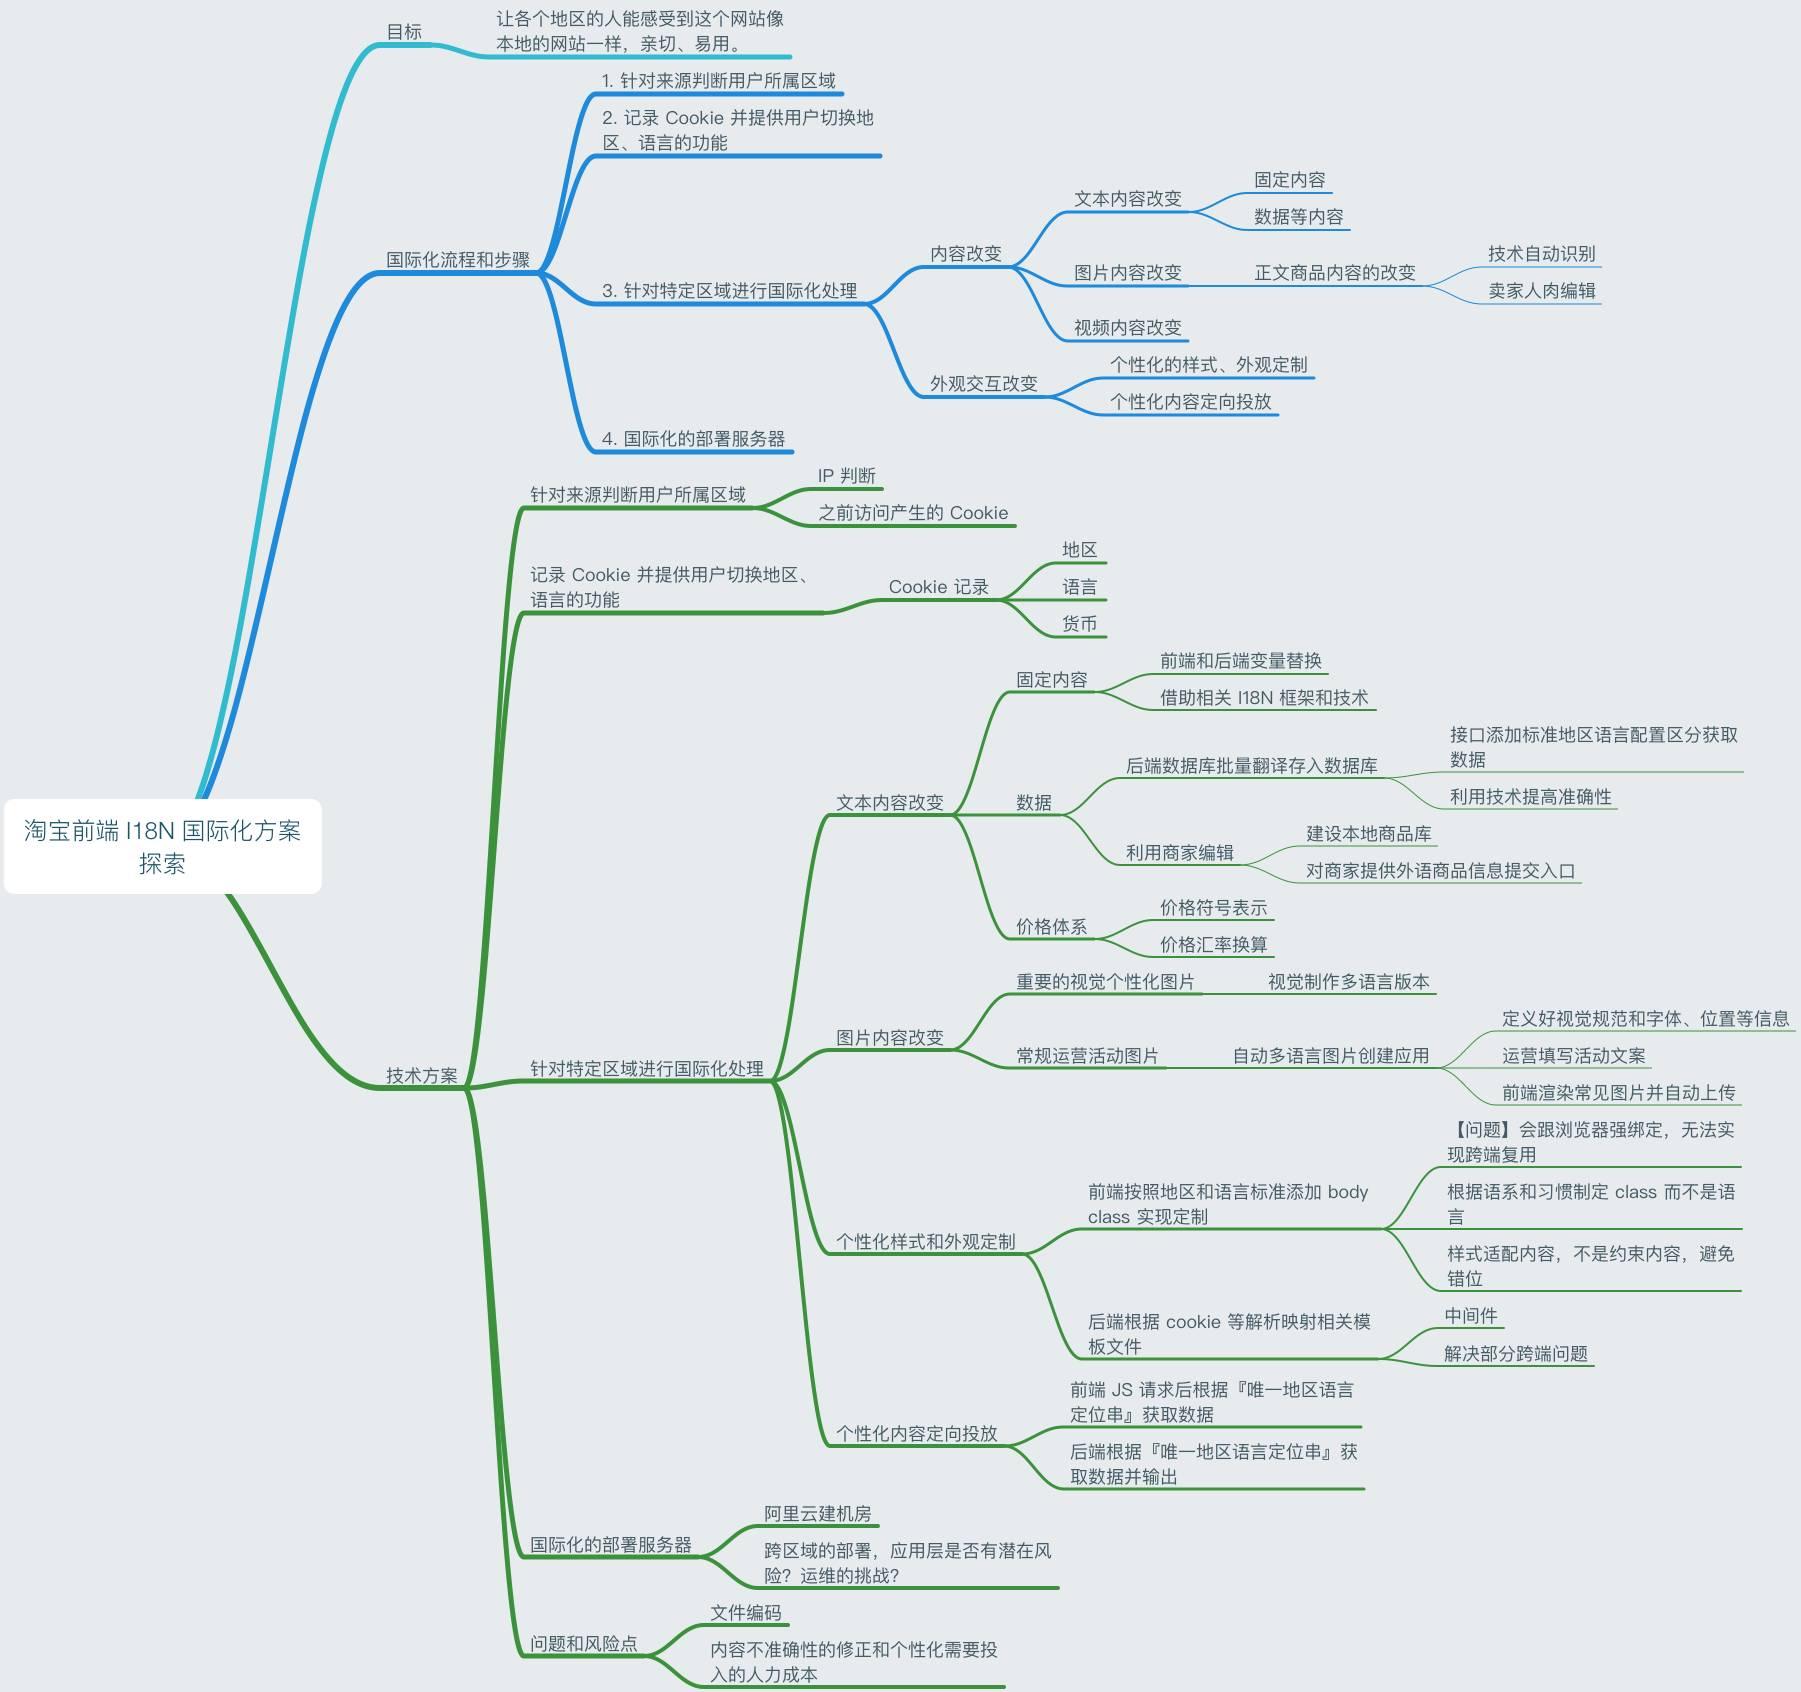 国际化探索脑图